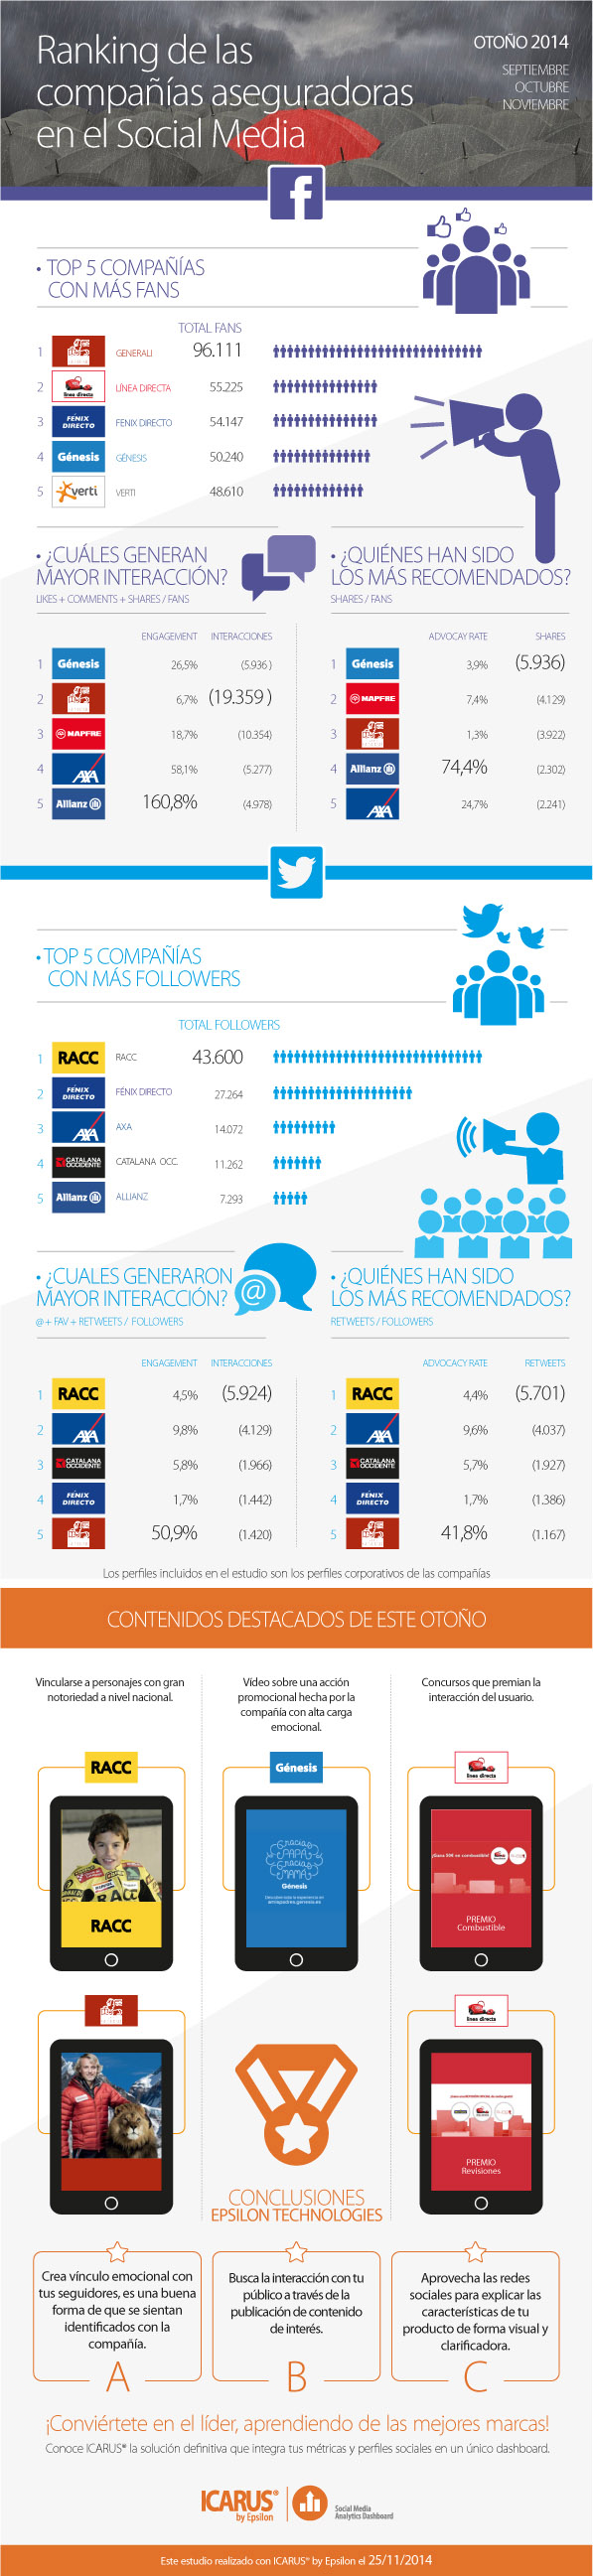 Ranking compañías aseguradoras en Redes Sociales